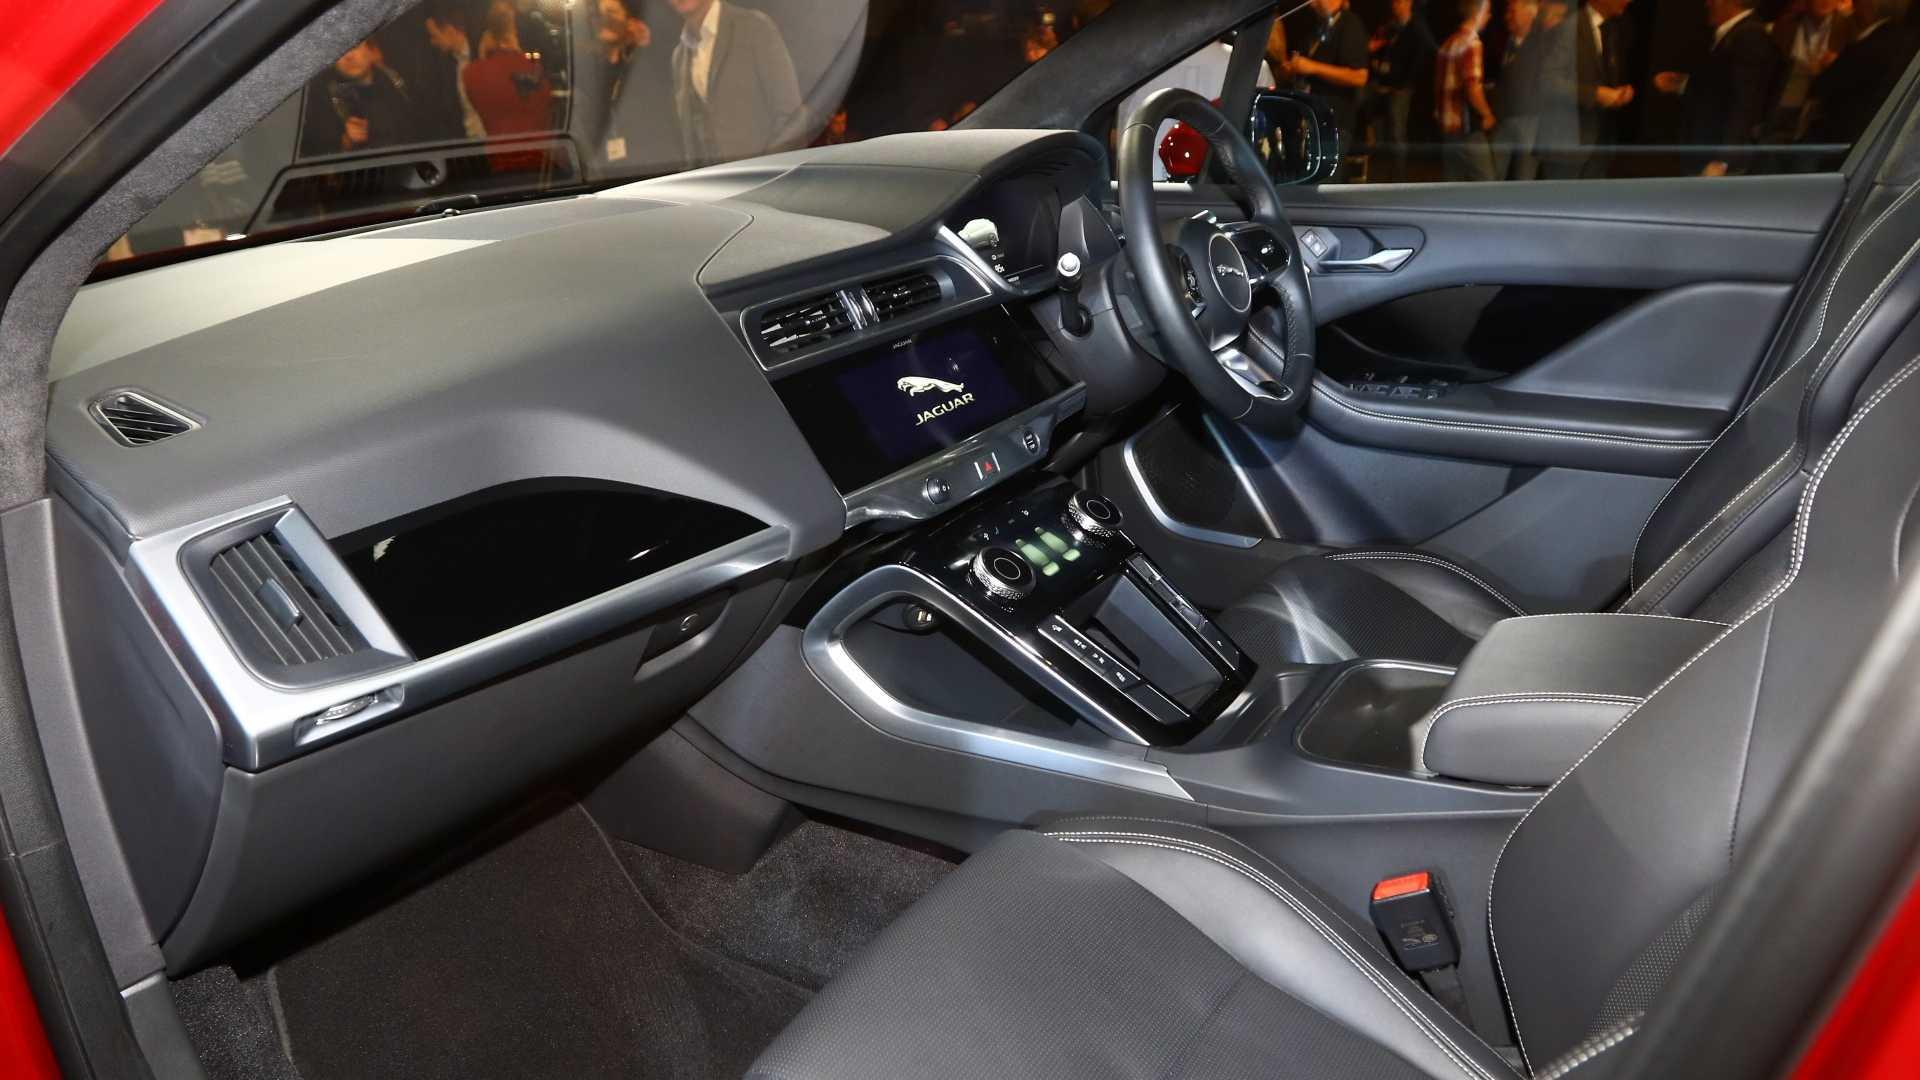 جگوار آی- پیس الکتریکی خودروی سال اروپا - 12